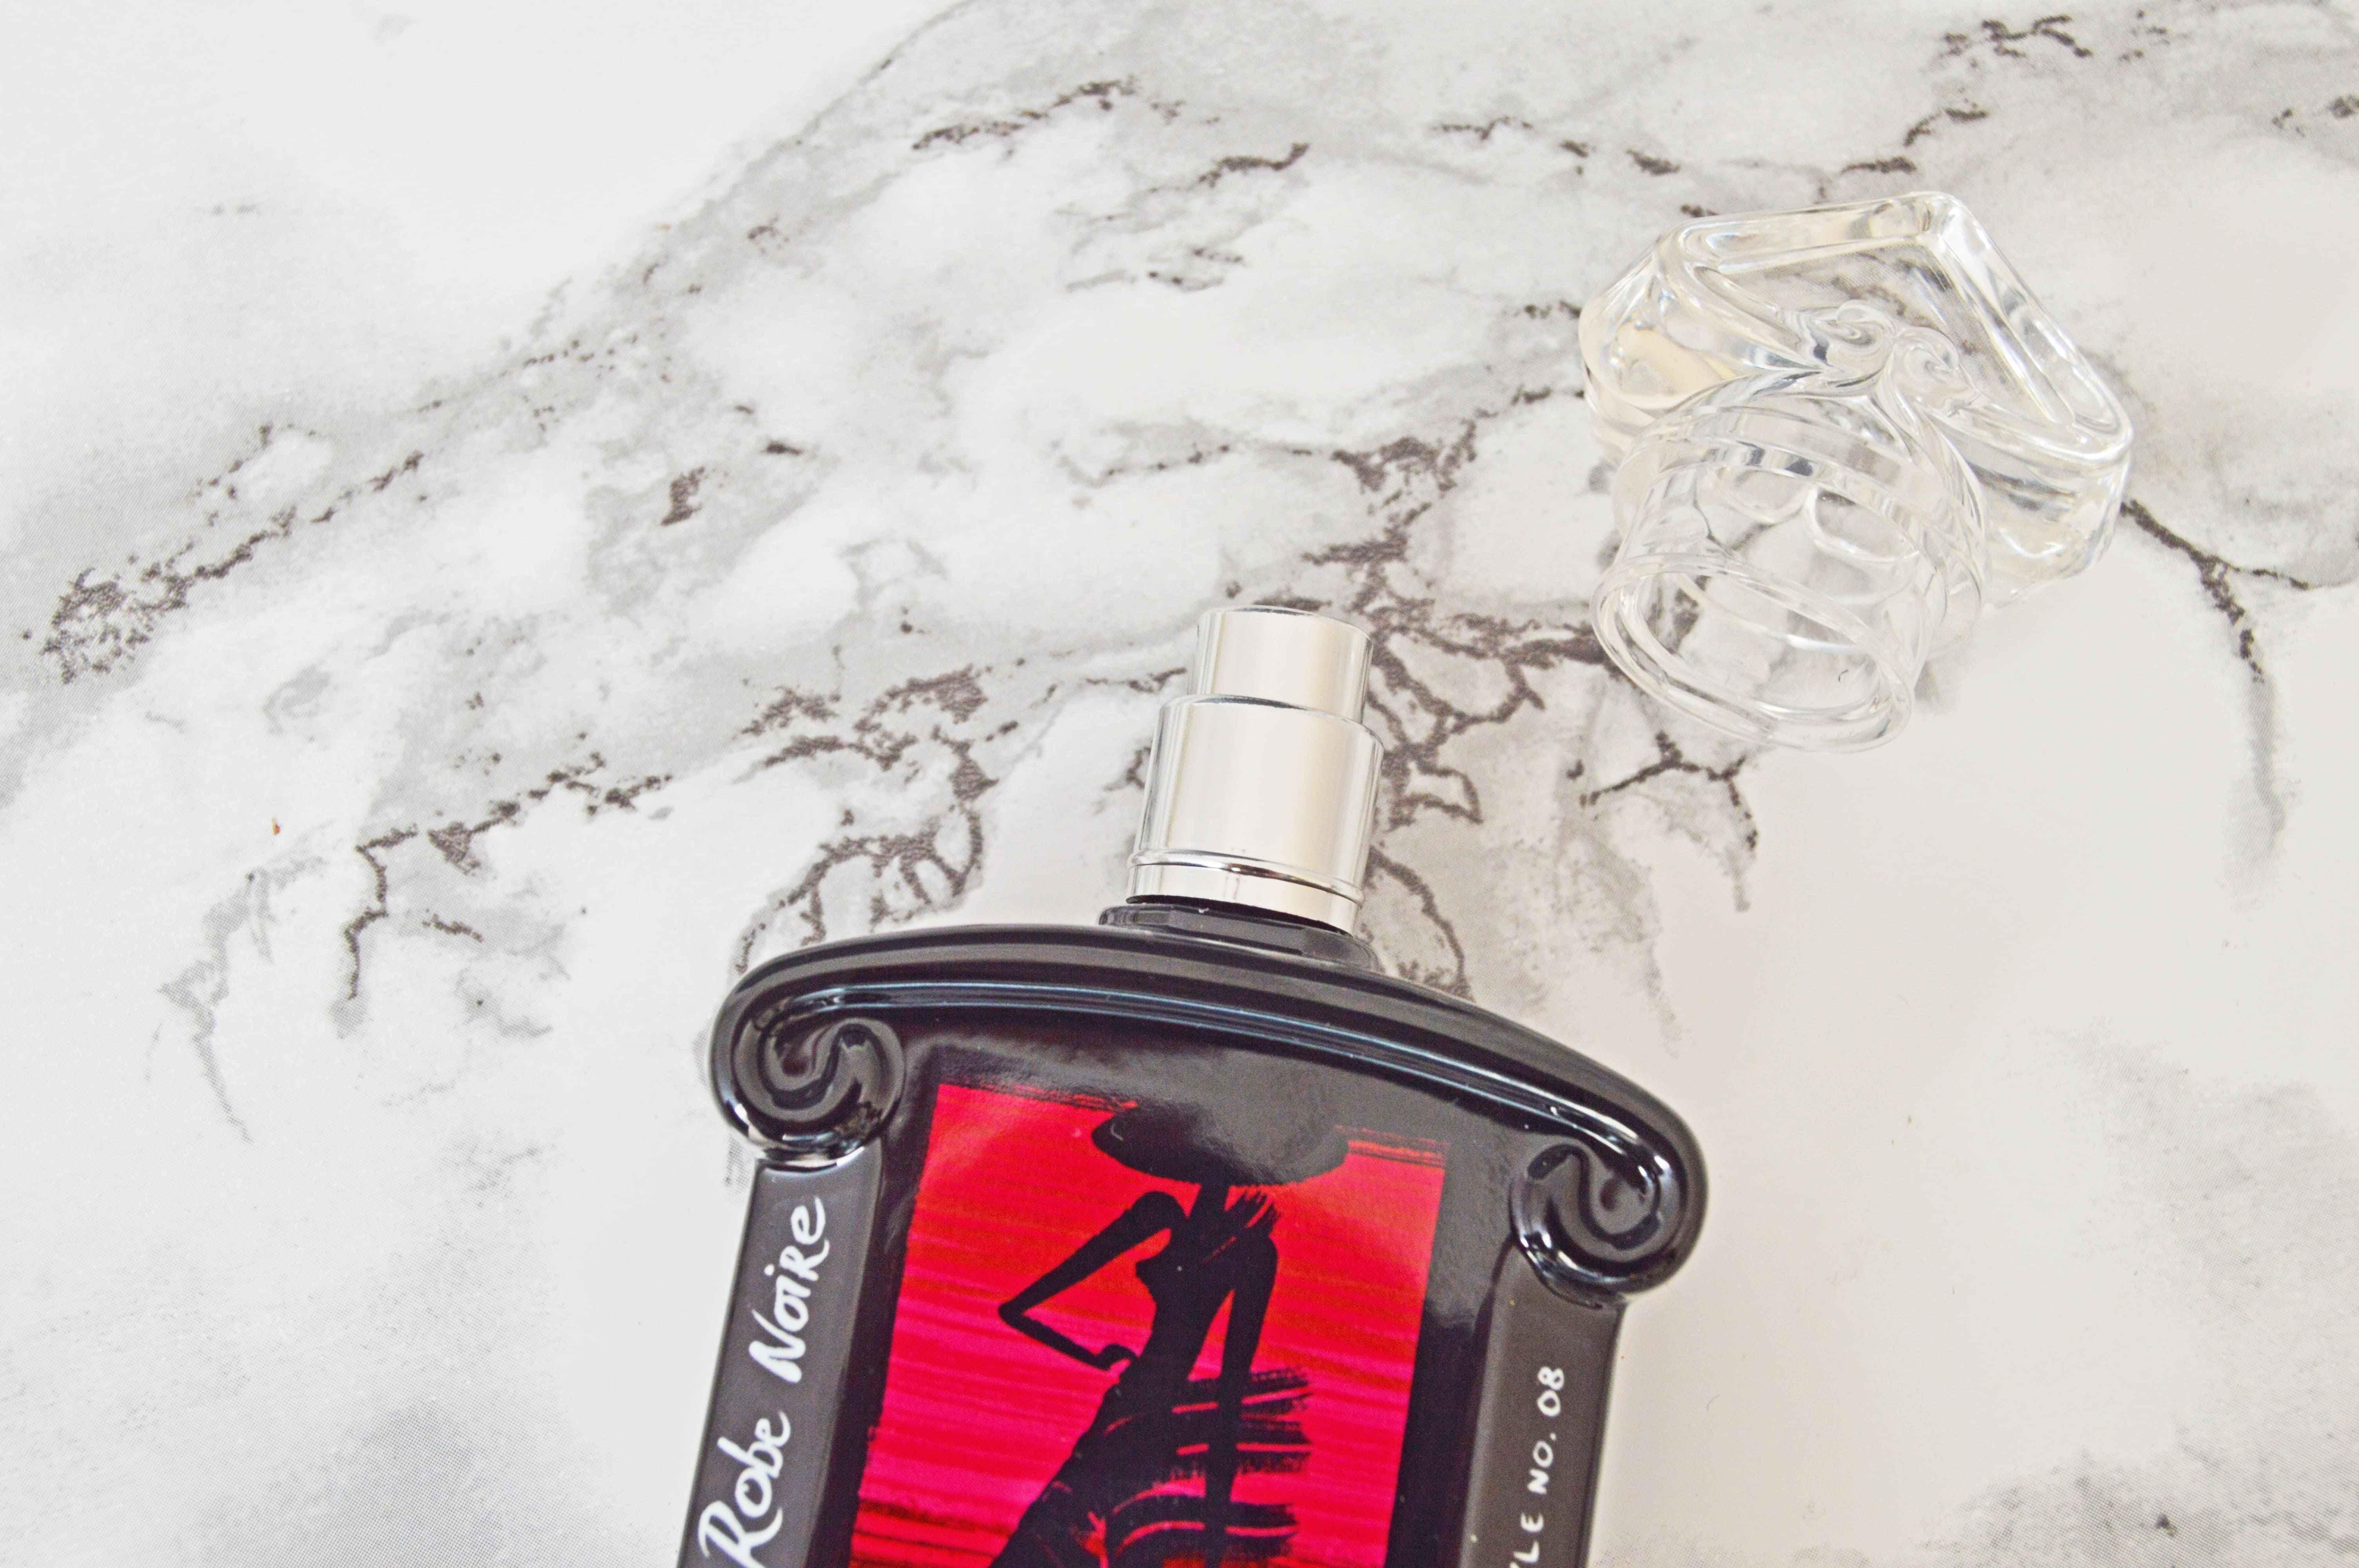 Review Guerlain La Petite Robe Noir Limited Edition The Chic Advocate